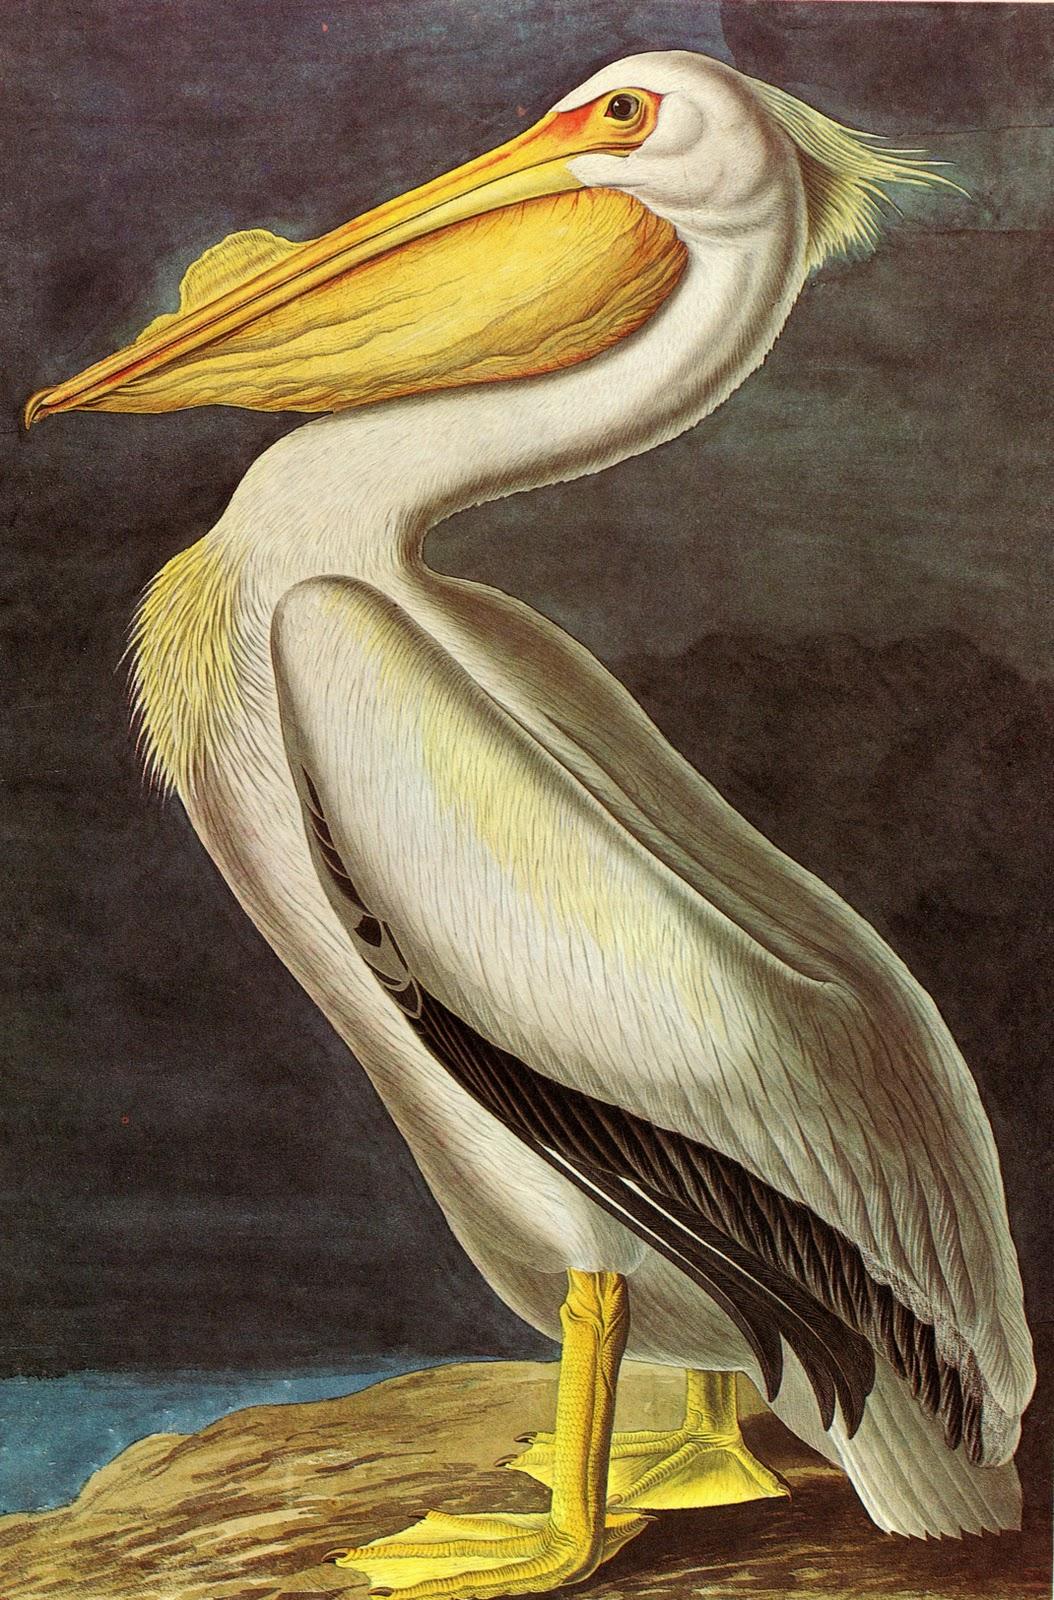 facsimilium audubons �birds of america� 19th century